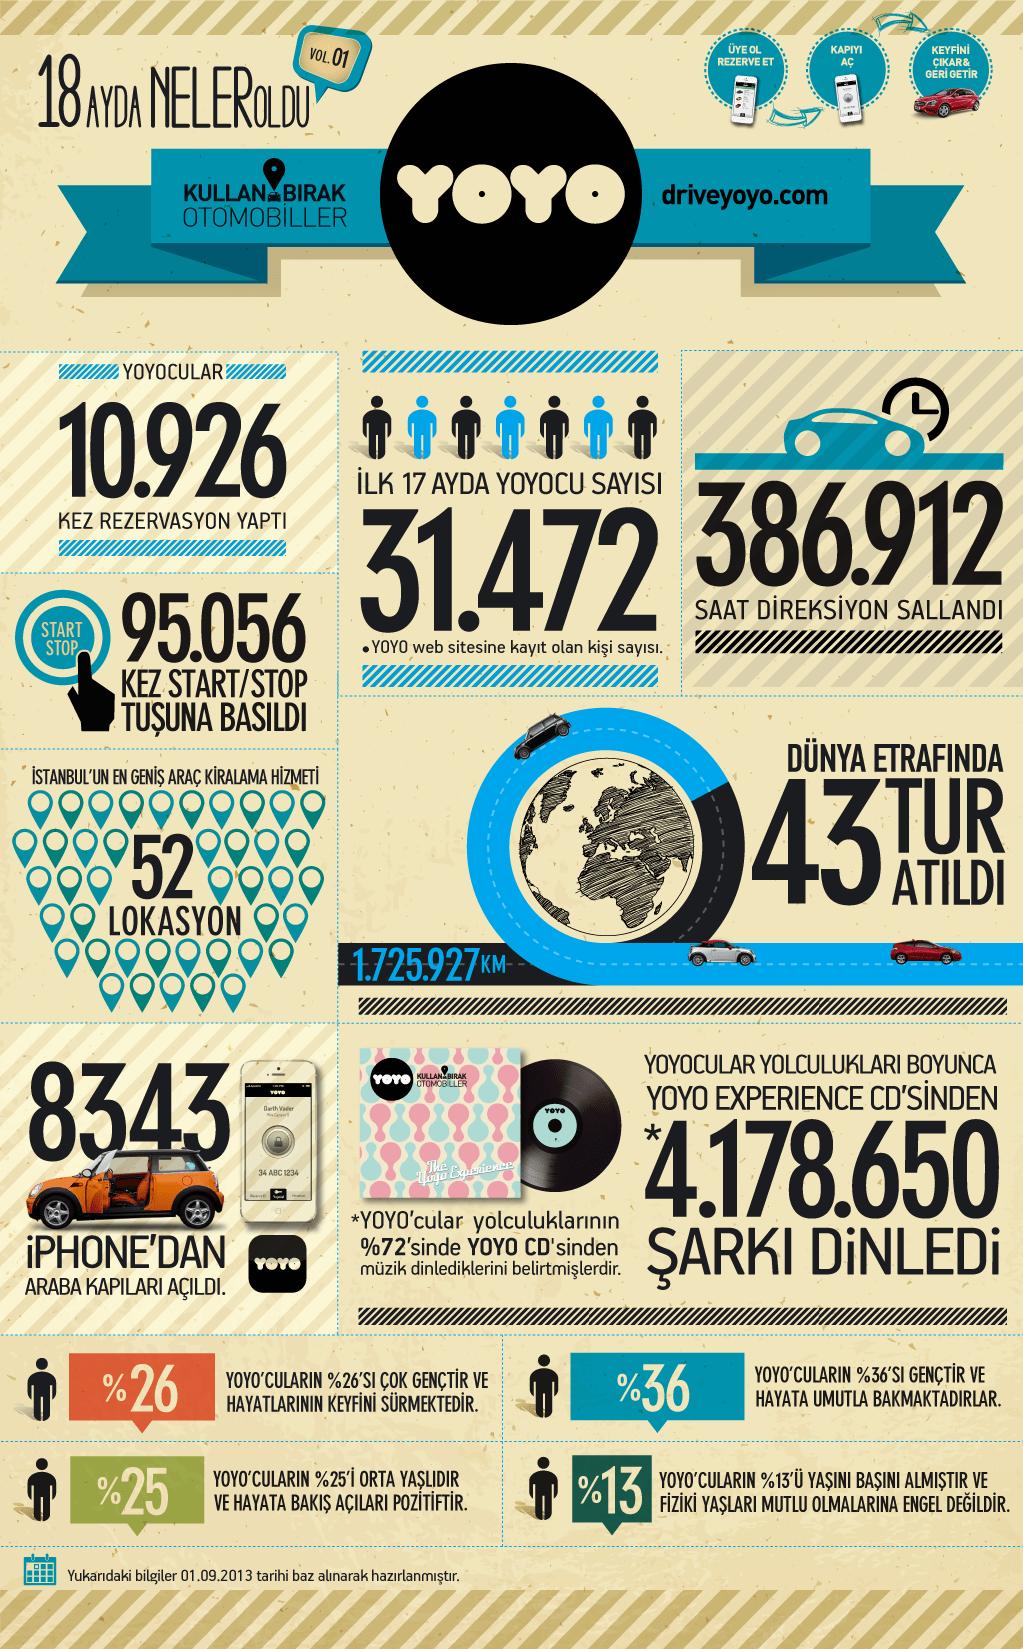 infografik_drive_yoyo